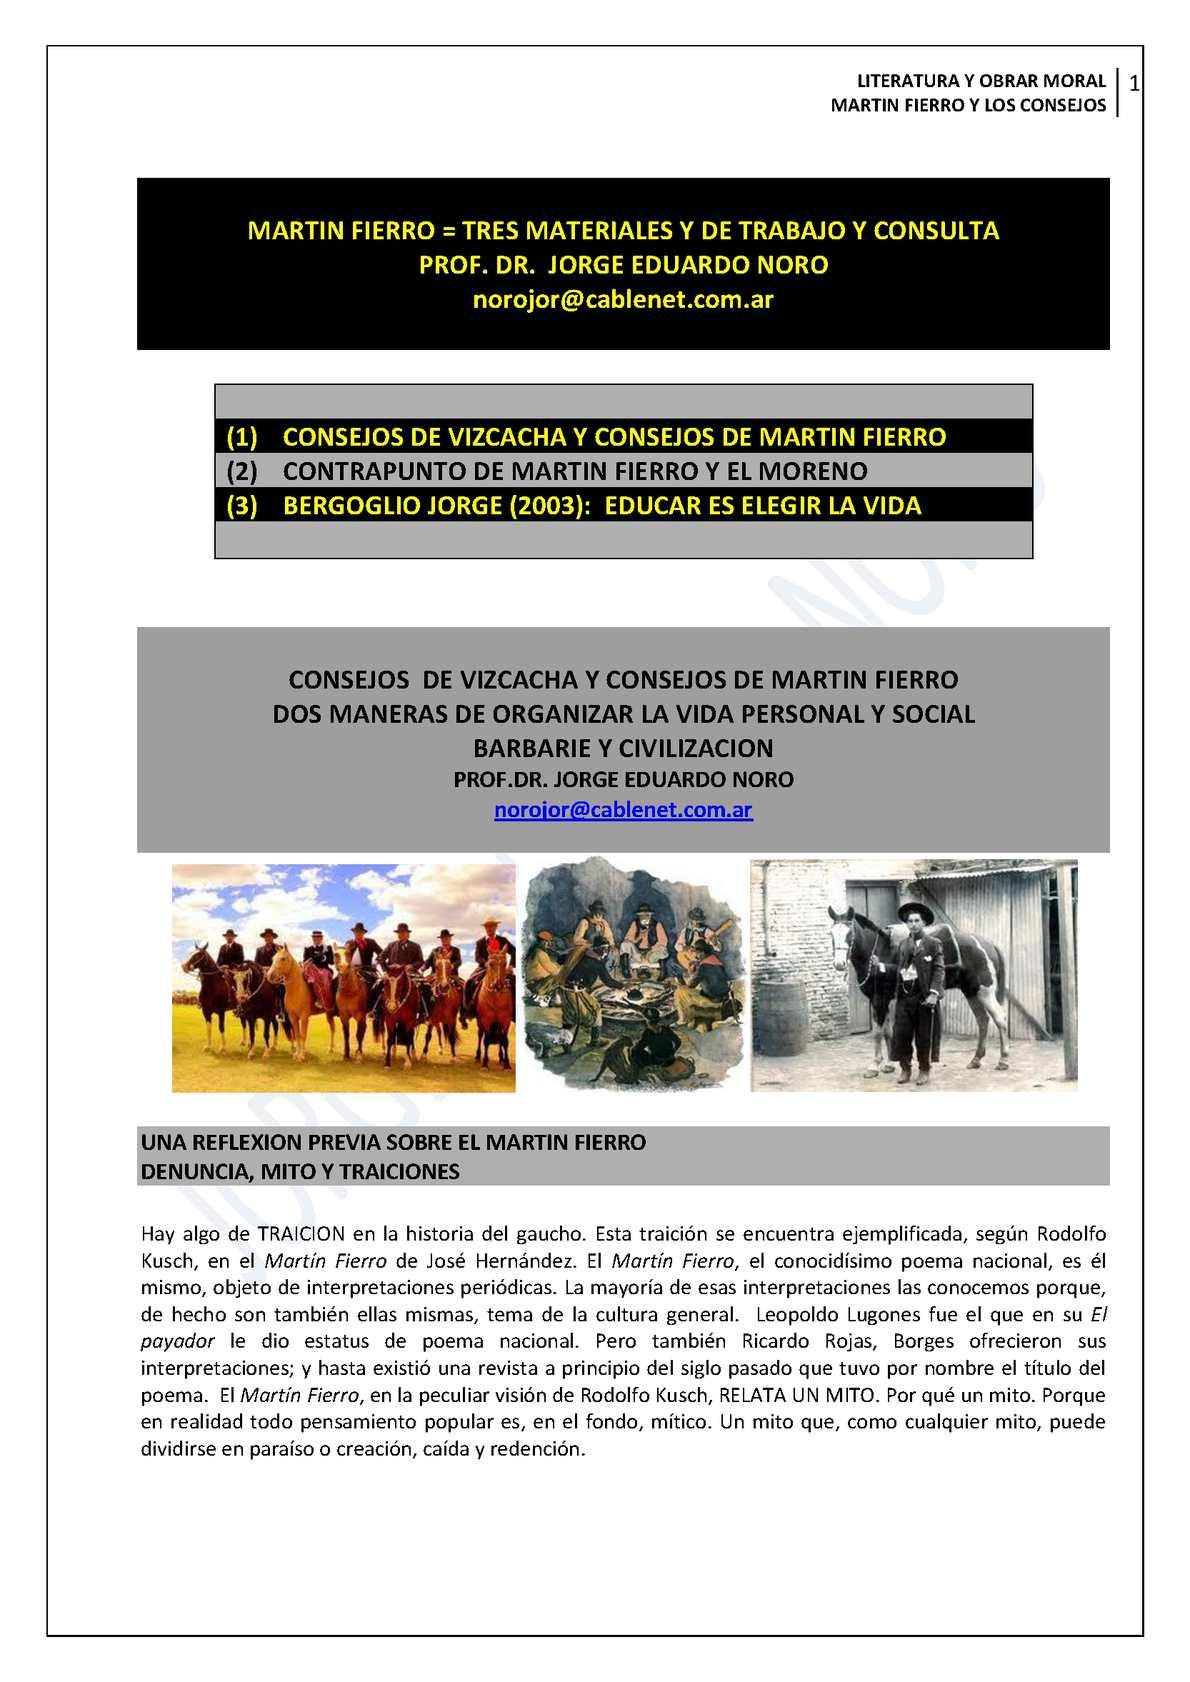 129. MARTIN FIERRO + TRES MATERIALES PARA CONSULTAR Y TRABAJAR